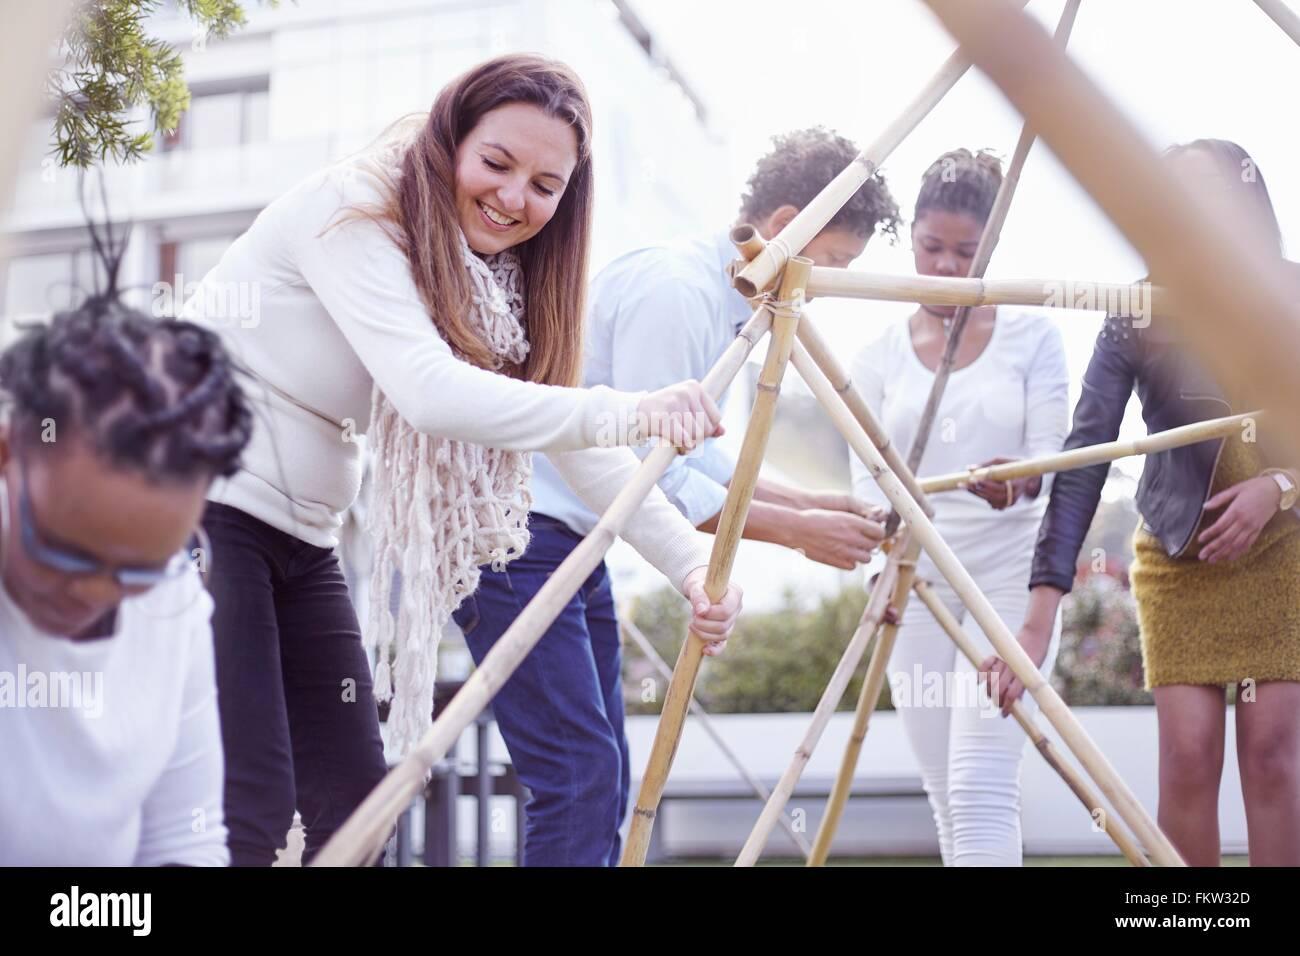 Collègues de team building construction tâche structure en bois smiling Photo Stock